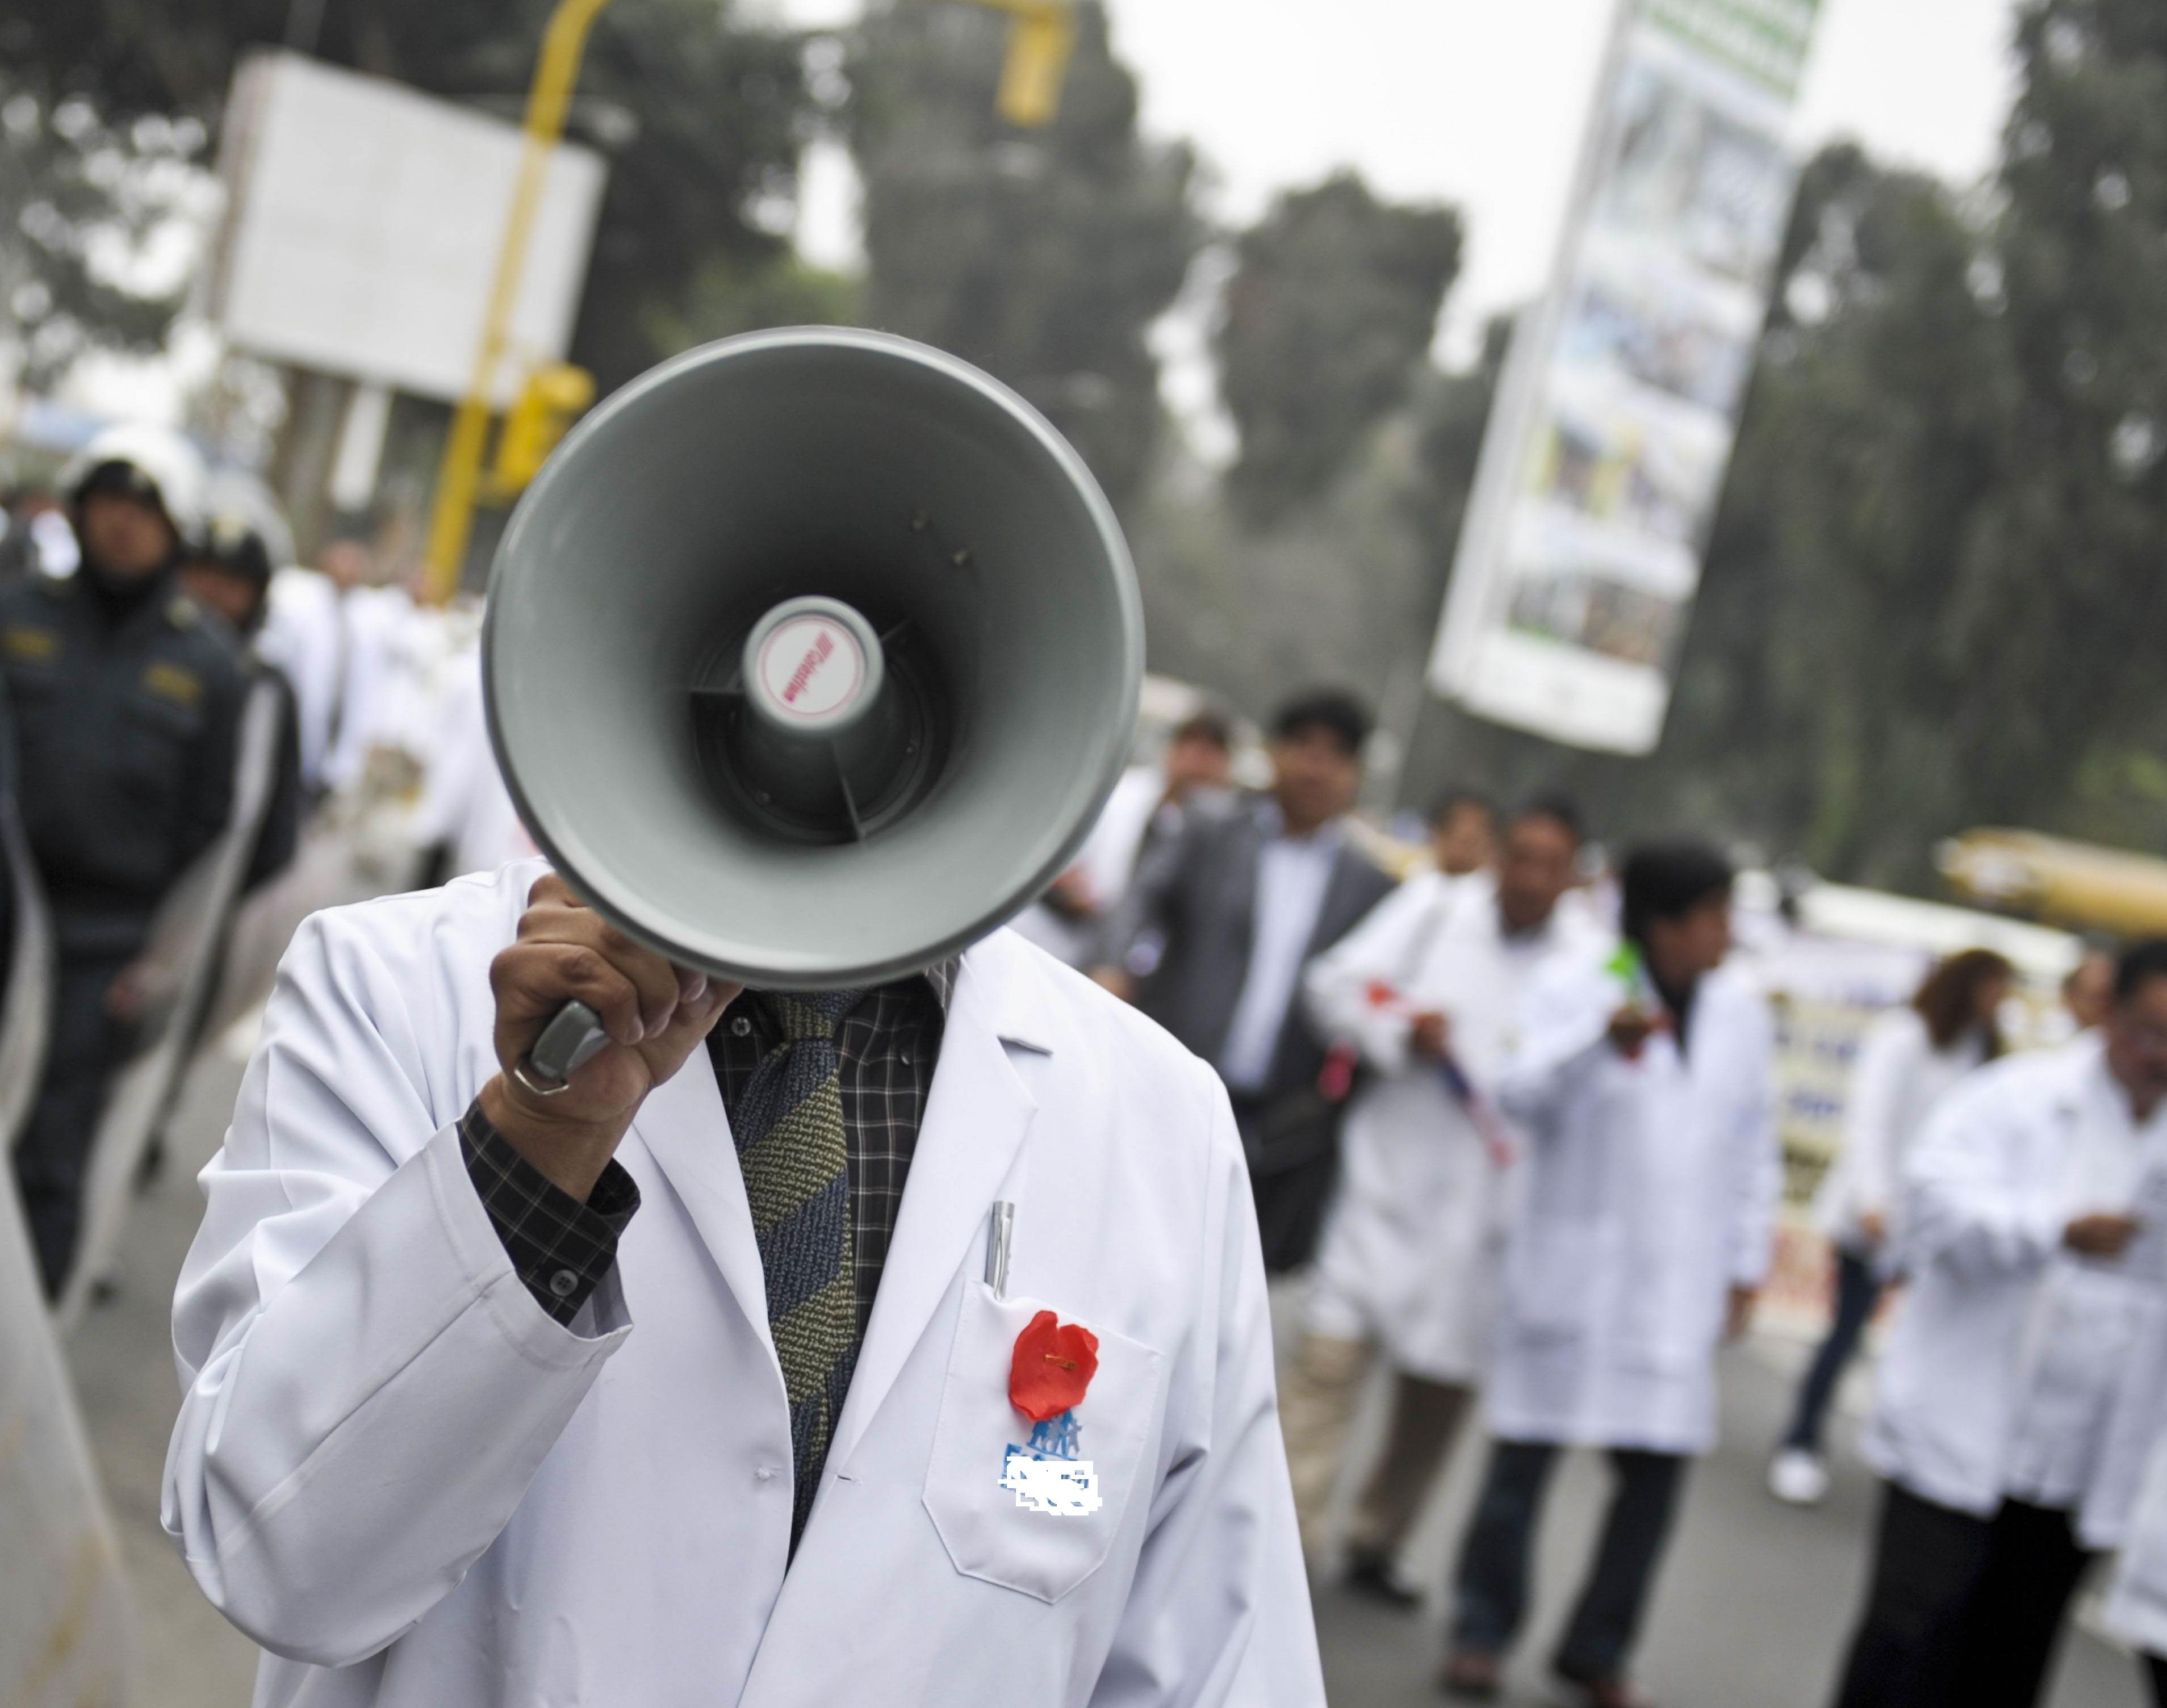 Αγριεύουν οι γιατροί για το ασφαλιστικό! Νέο σκληρό πρόγραμμα κινητοποιήσεων